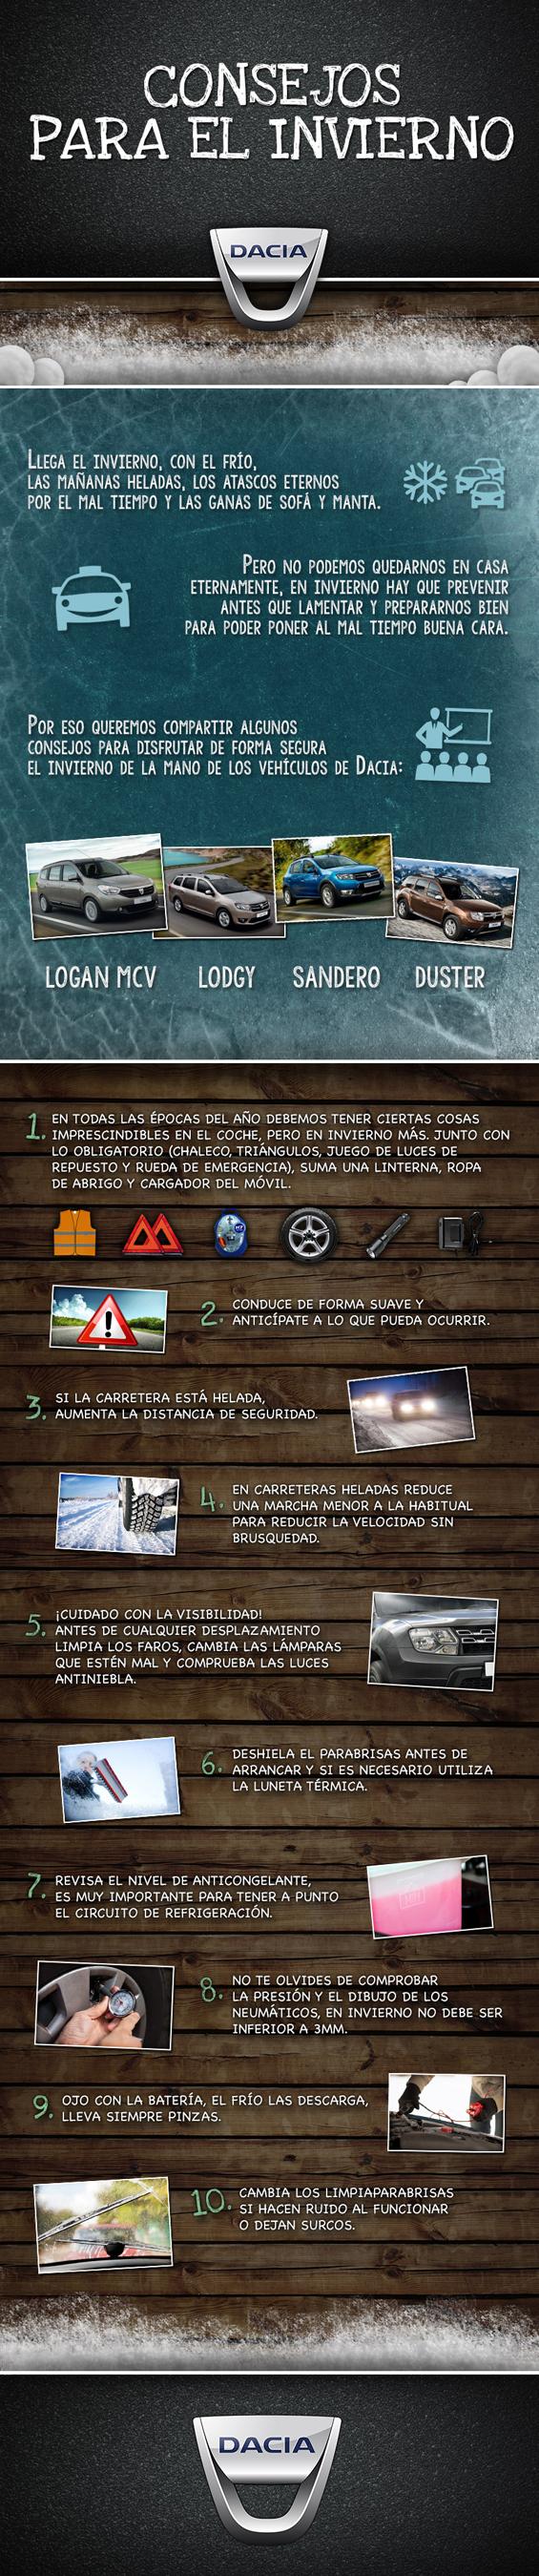 Consejos de Dacia para desplazarnos en coche sin sobresaltos.